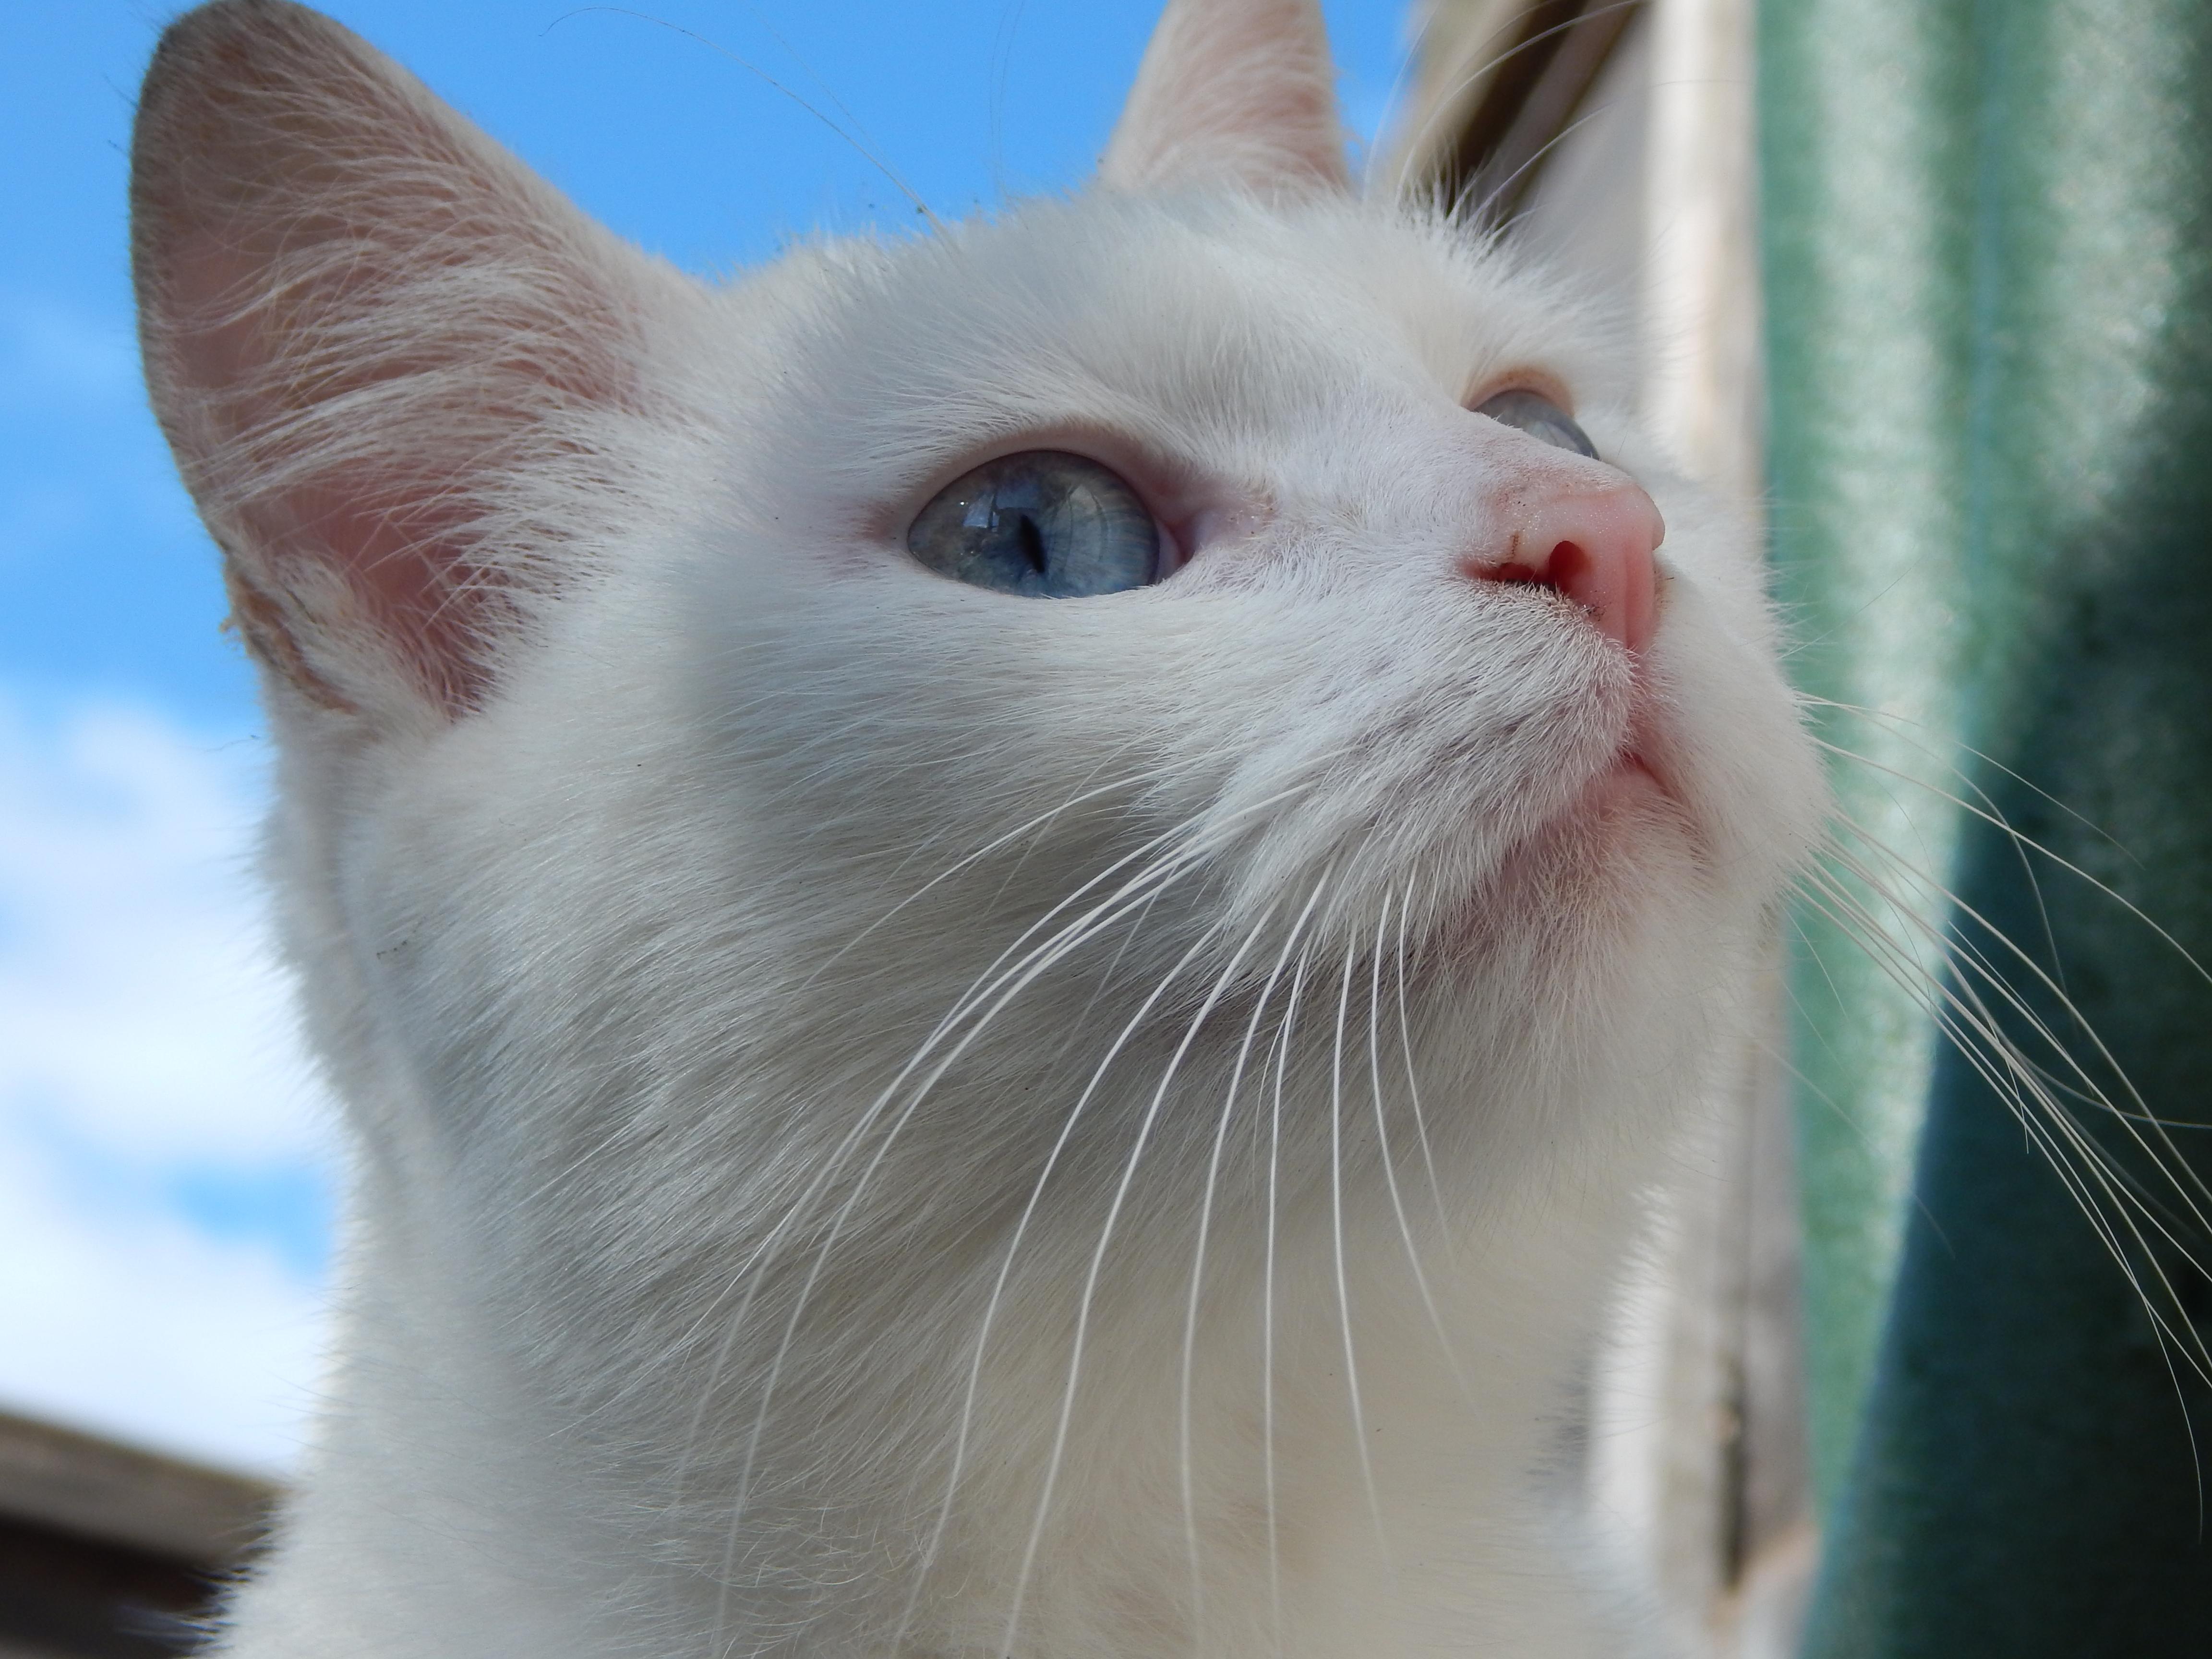 Blue Eyed Kitty by PatrickJr